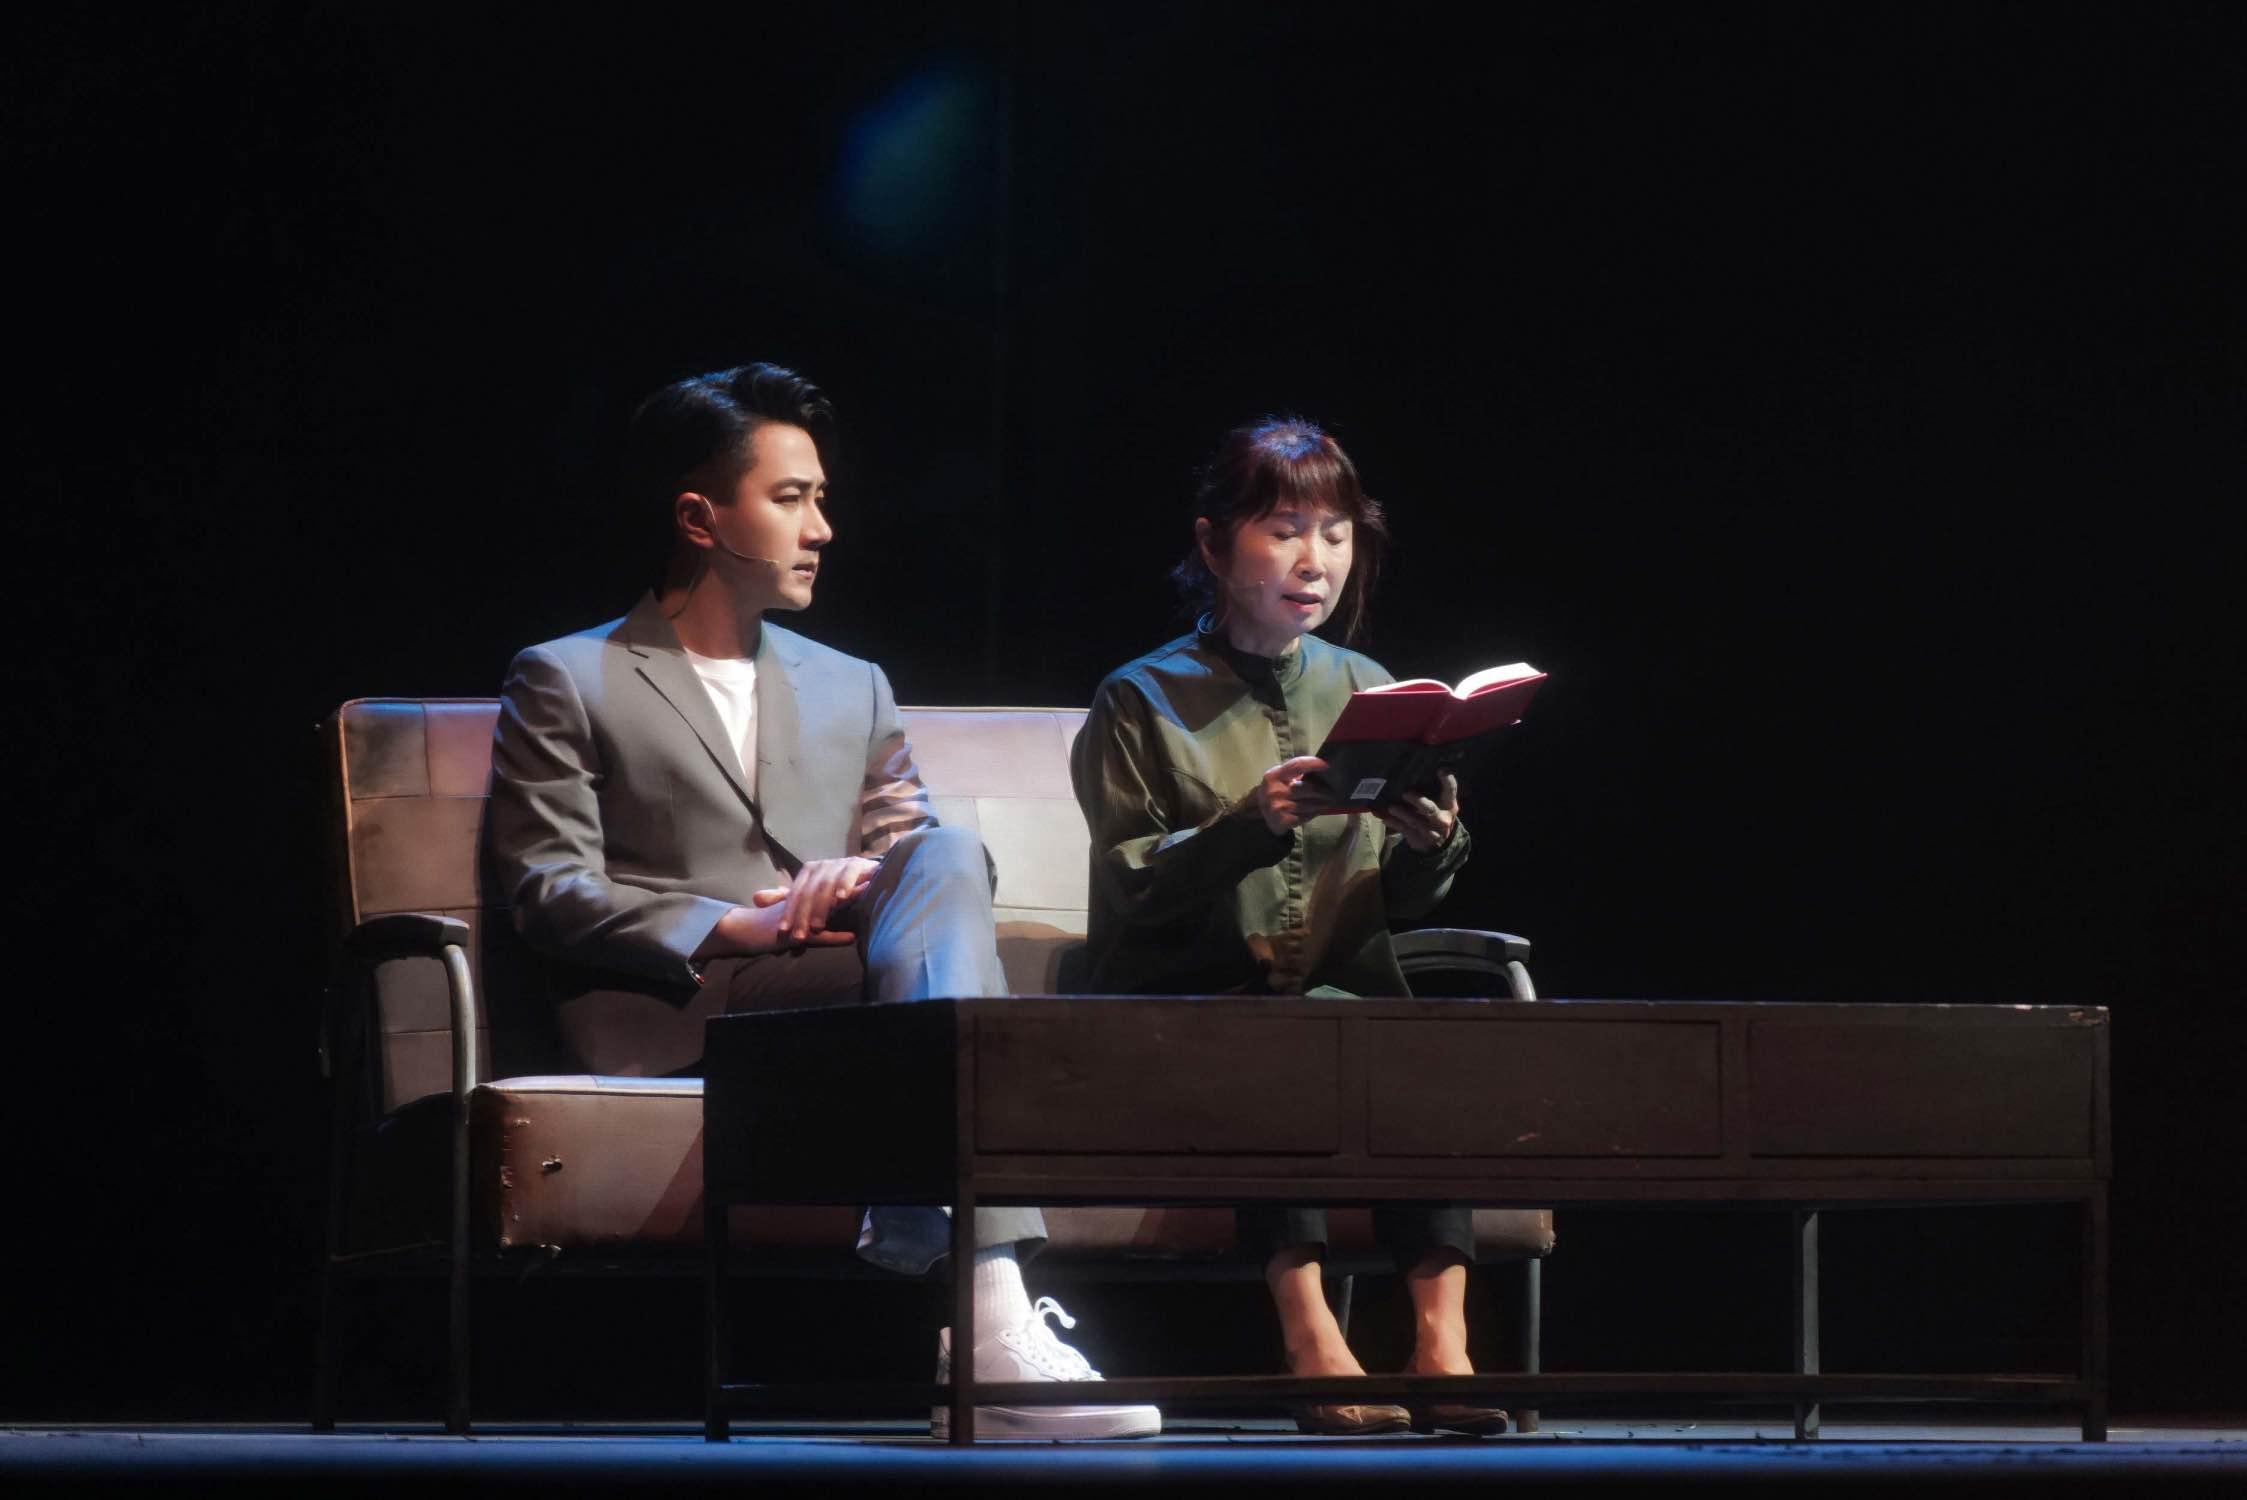 刘恺威首次触电话剧 全新演绎《雷雨》《雷雨·后》周萍